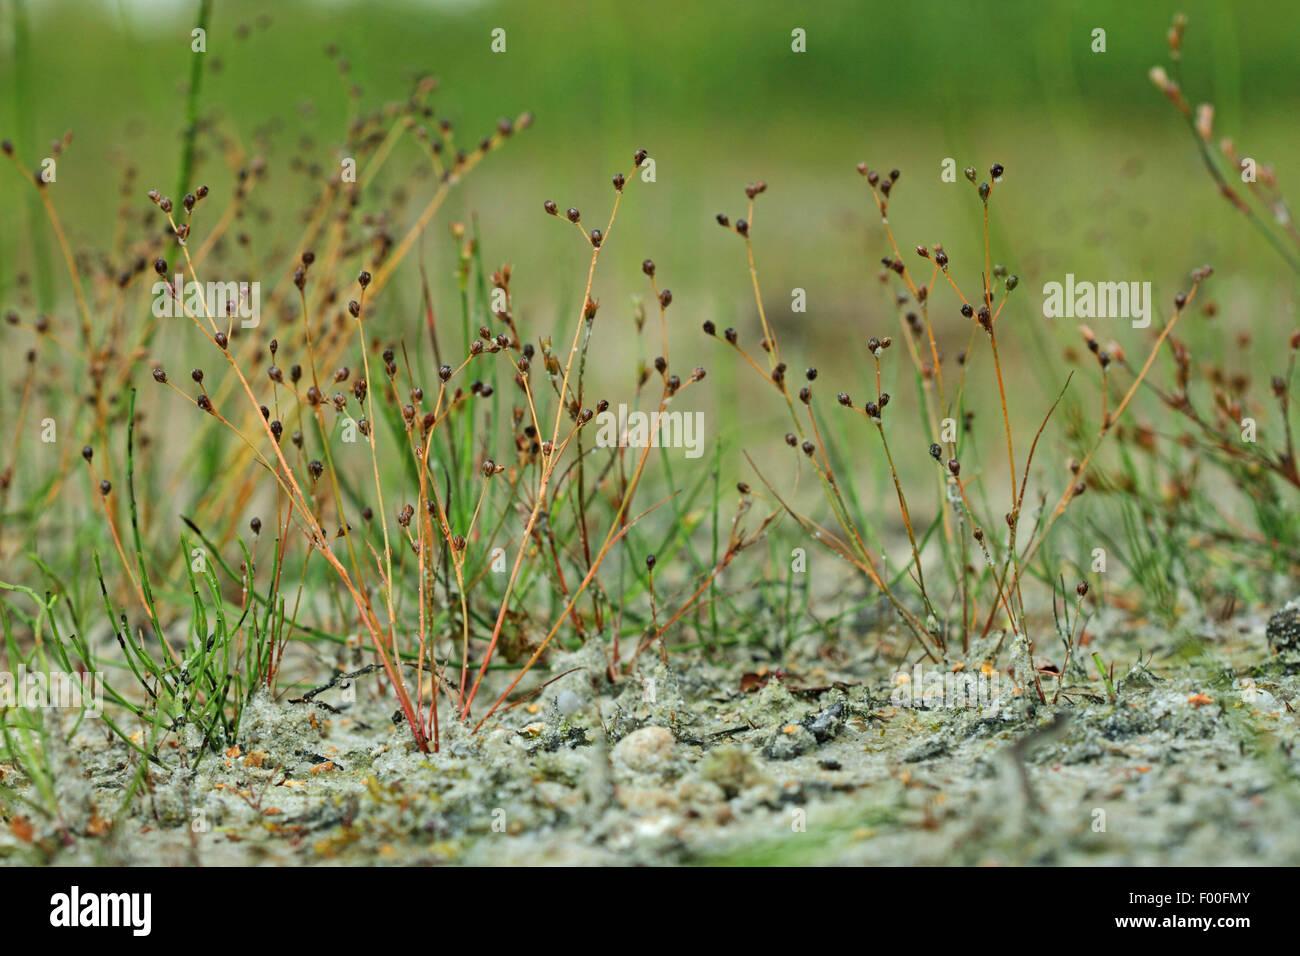 Sand rush (Juncus tenageia), blooming, Germany - Stock Image